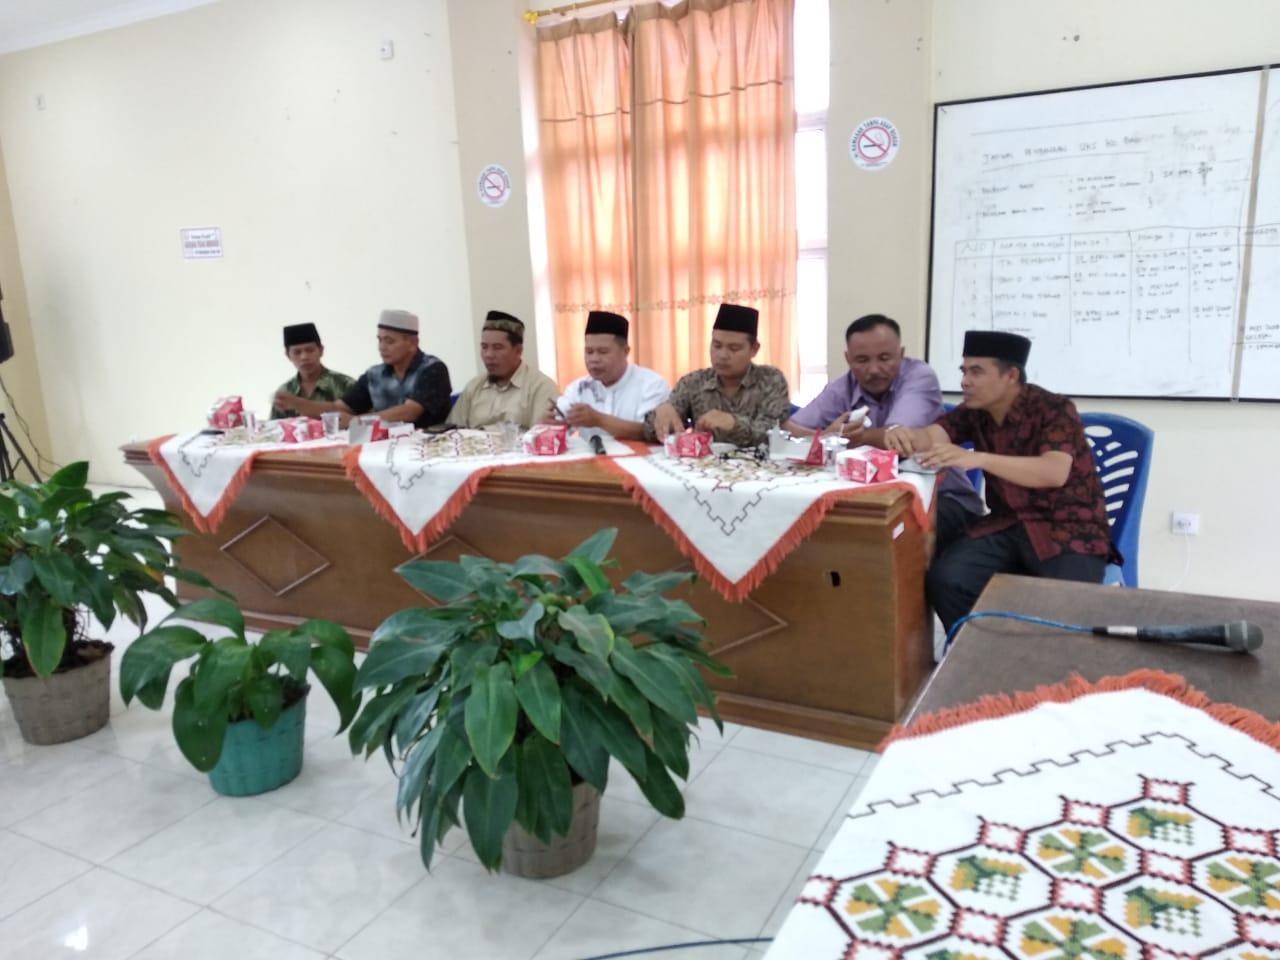 Agam Dapil IV melakukan reses ke Kecamatan Baso, Sumatera Barat (Sumbar), di Aula Kantor Camat, Jum'at (6/7/2018).